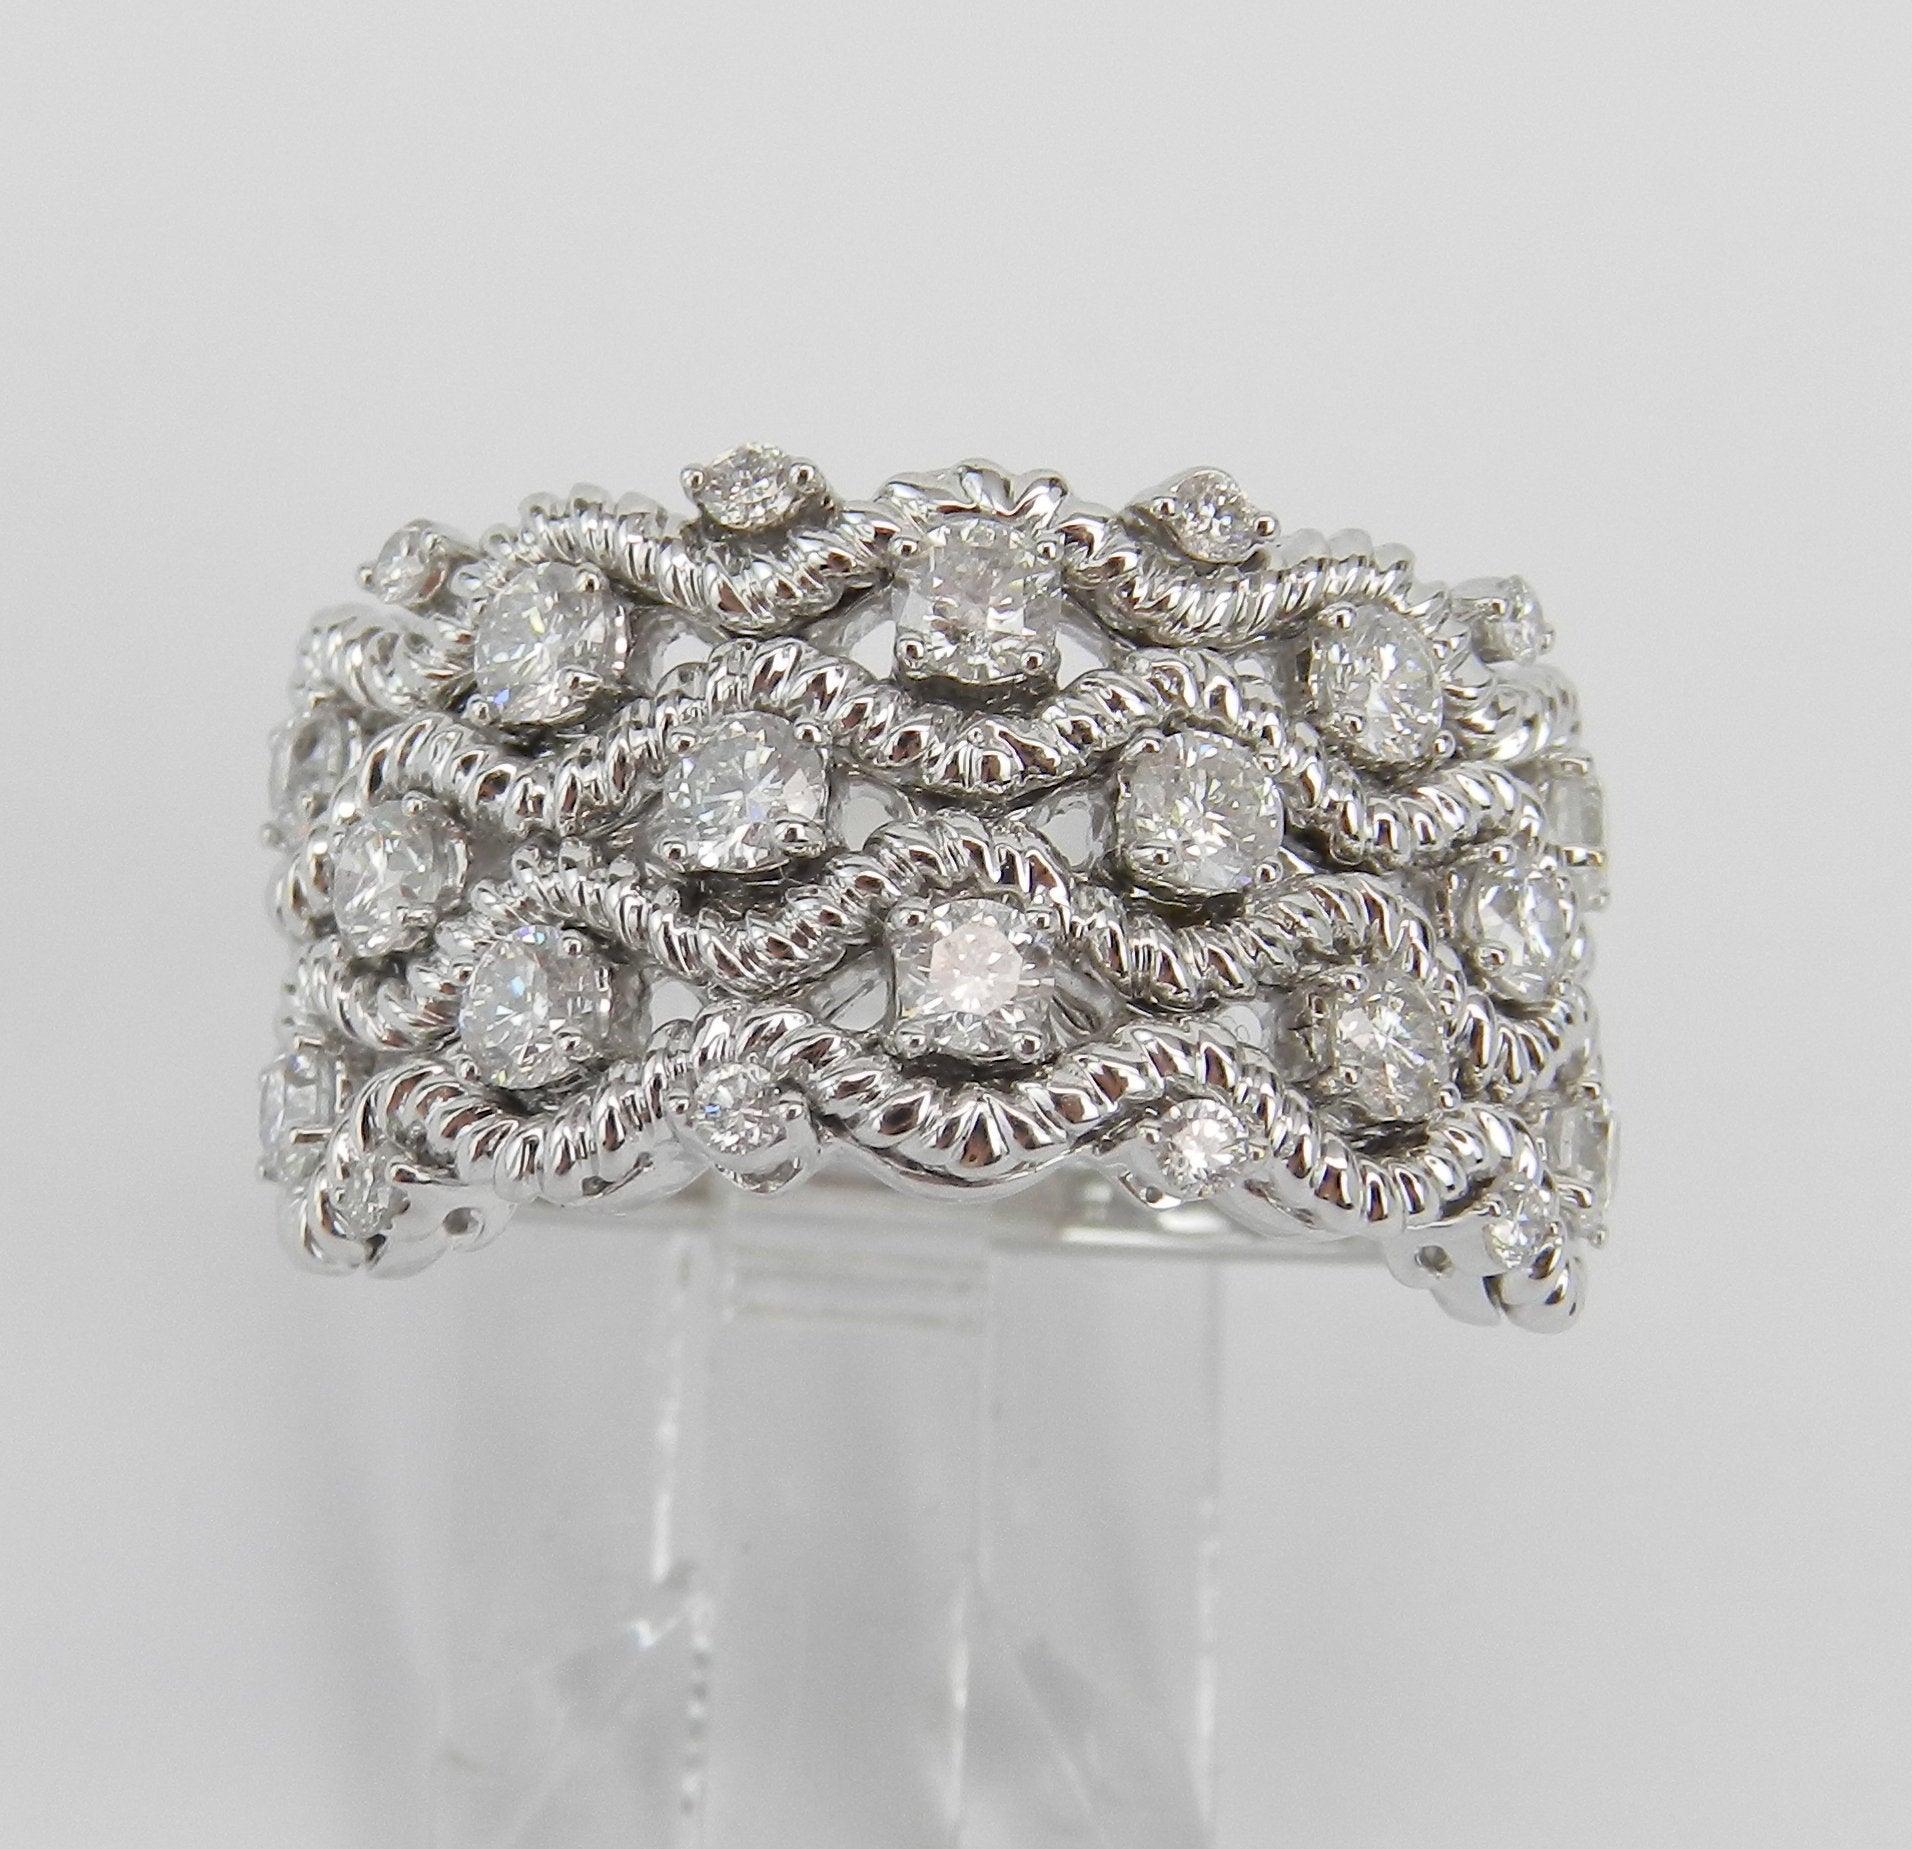 Diamond Anniversary Ring, White Gold Diamond Multi Row With Regard To Newest Diamond Multi Row Anniversary Ring In White Gold (View 5 of 25)